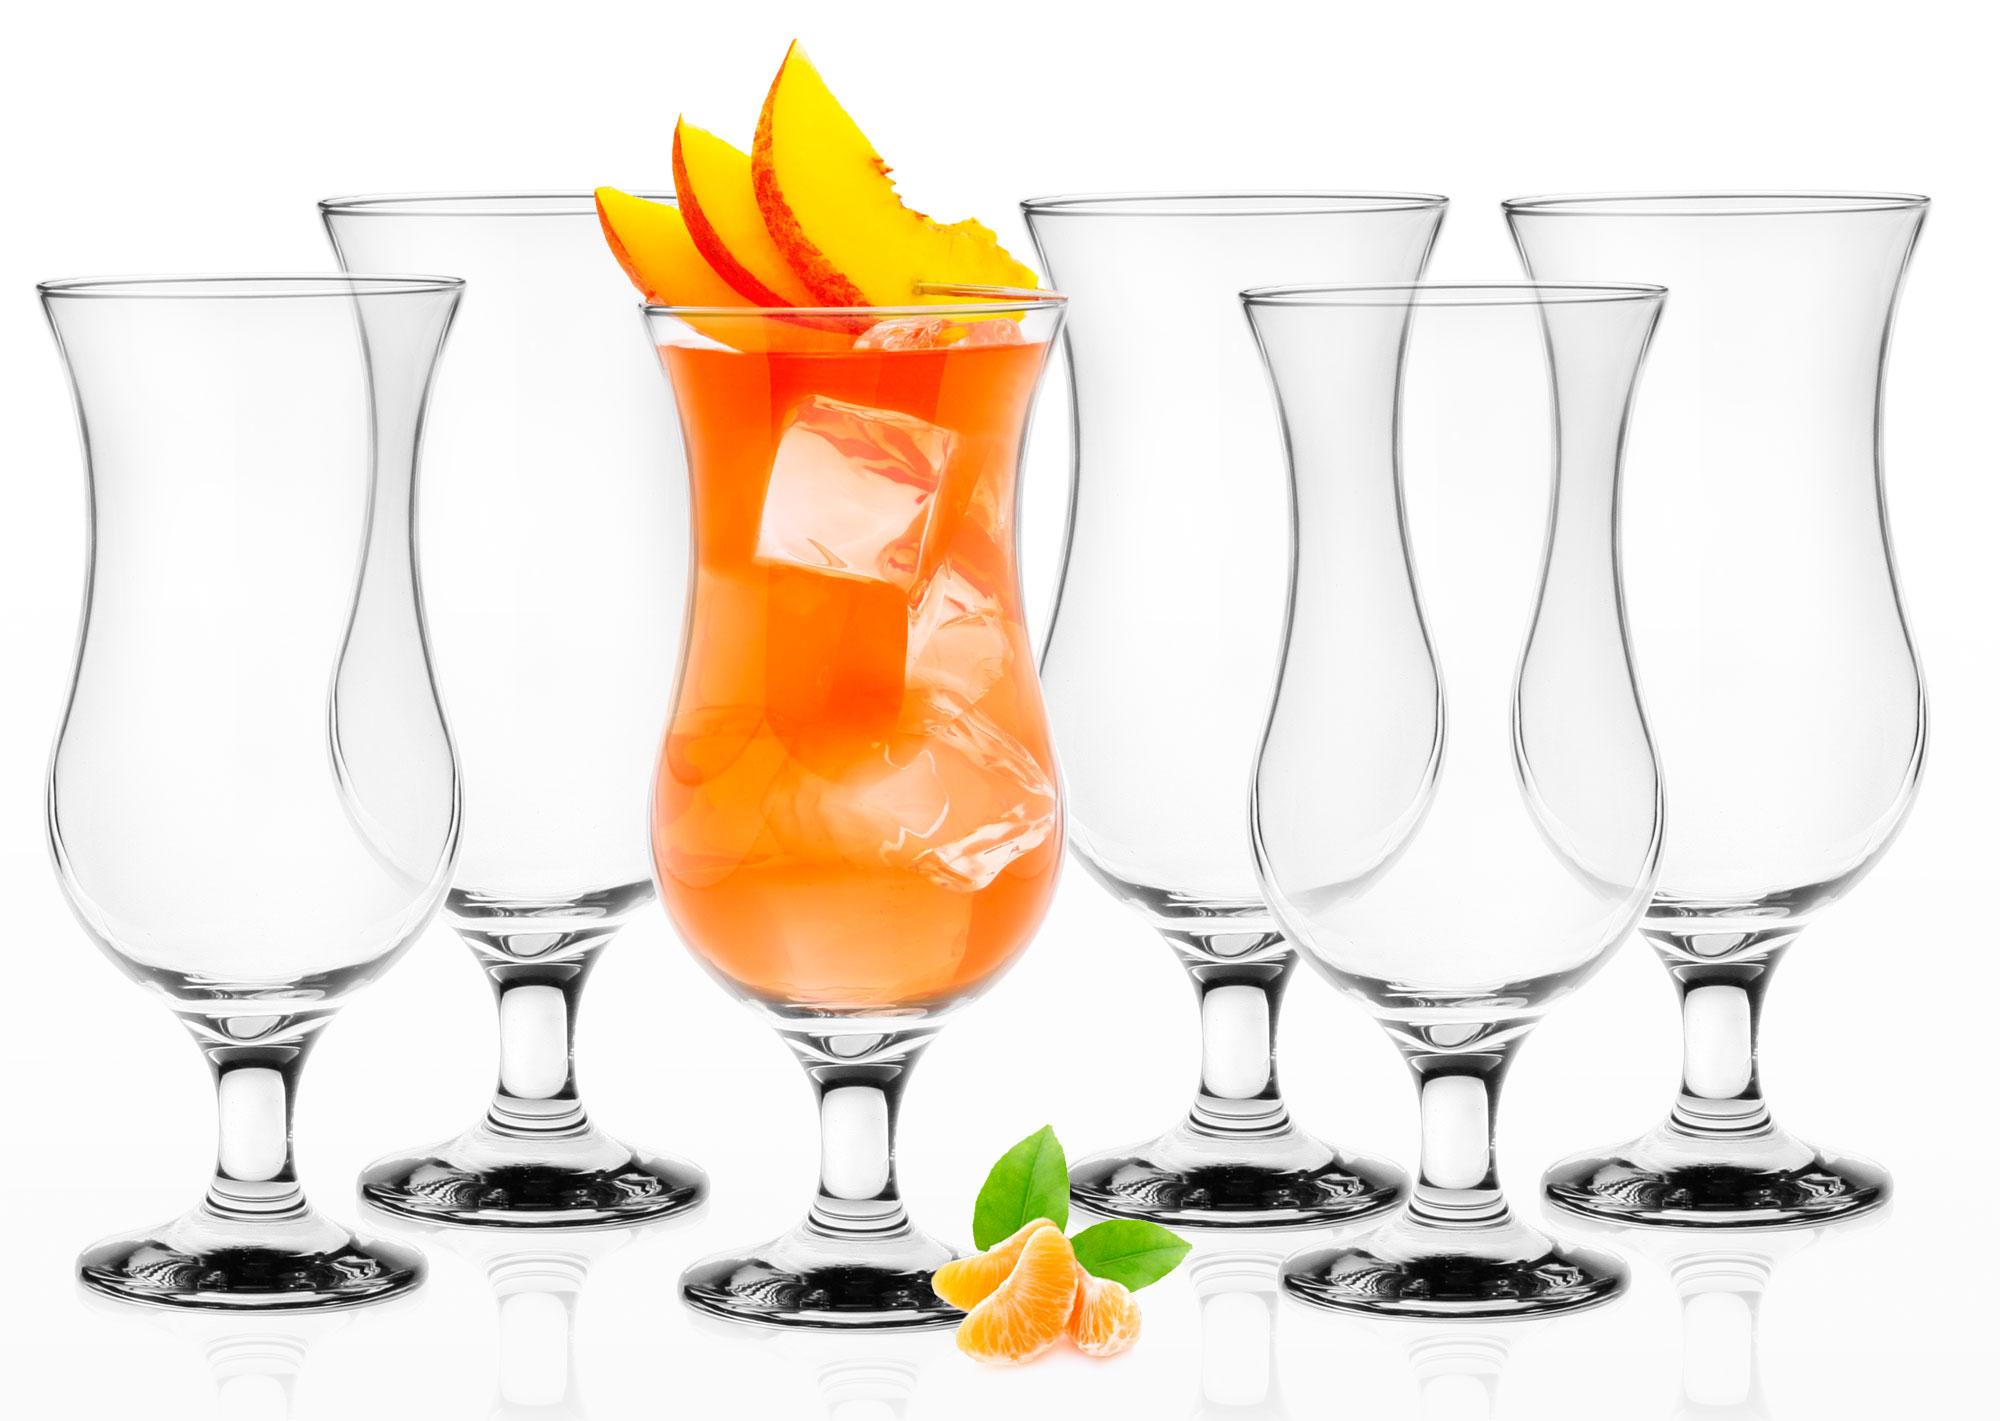 GLASMARK Koktejlová sklenice - 420ml, čirá